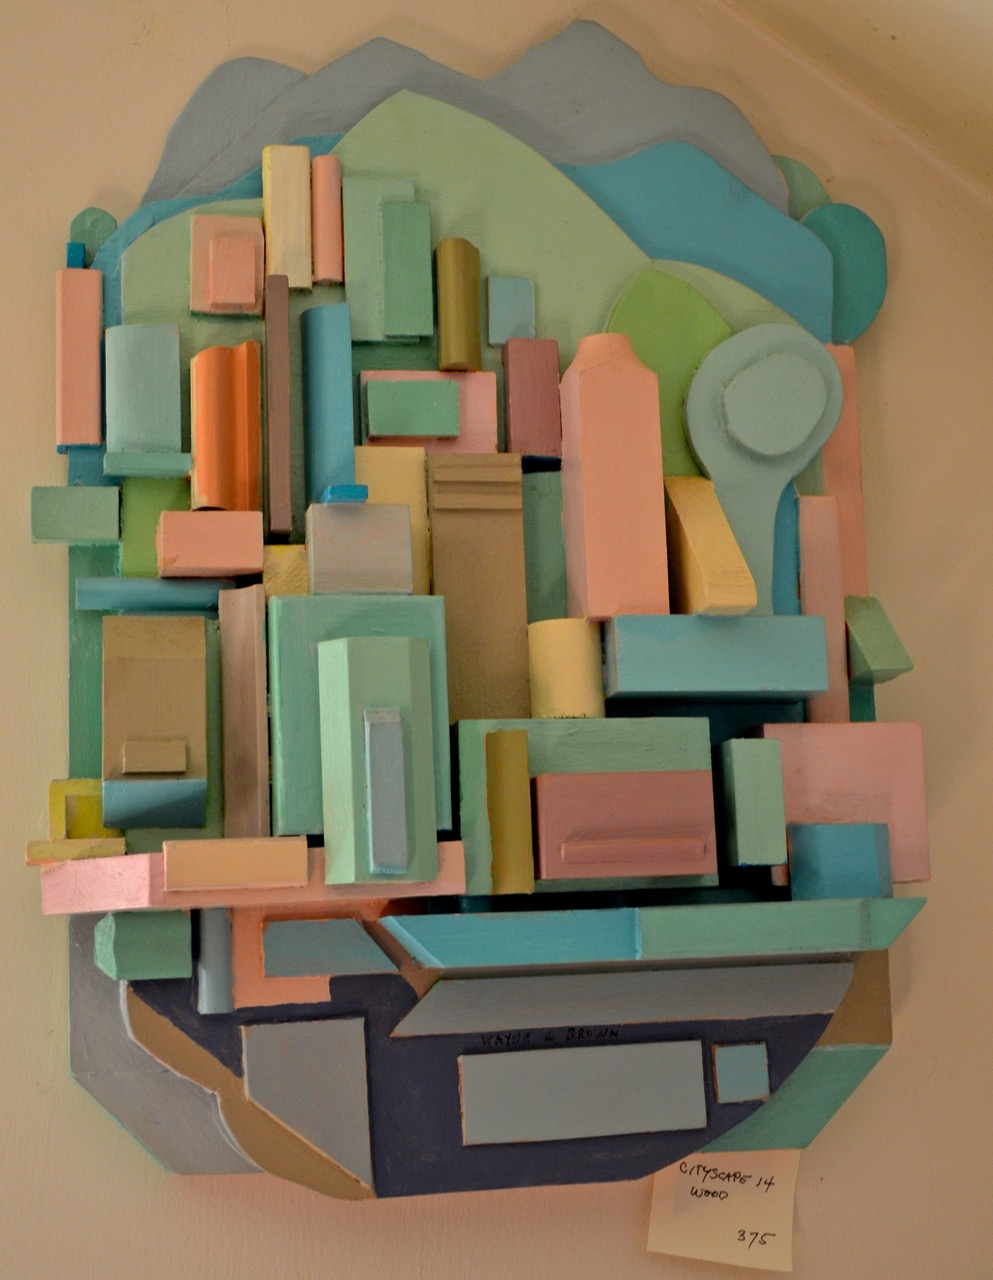 Cityscape 14